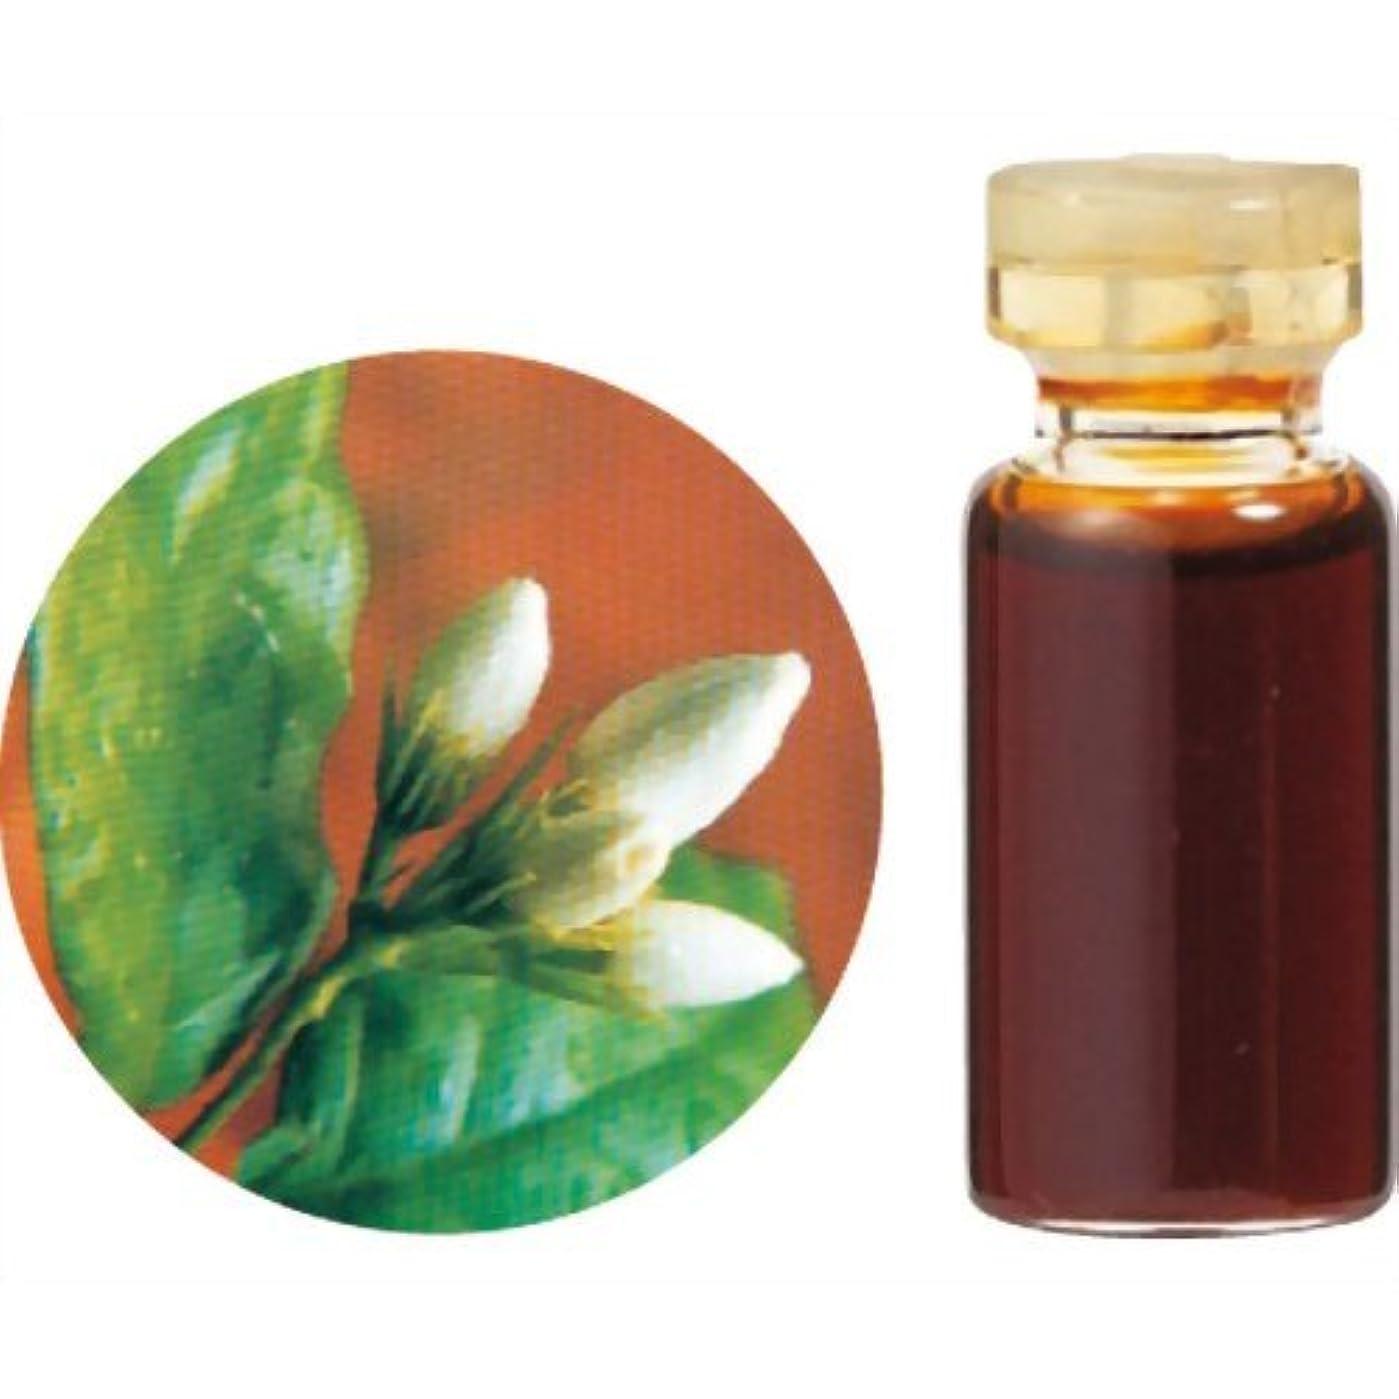 相談するポーチ用心する生活の木 C 花精油 ジャスミン サンバック アブソリュート エッセンシャルオイル 3ml